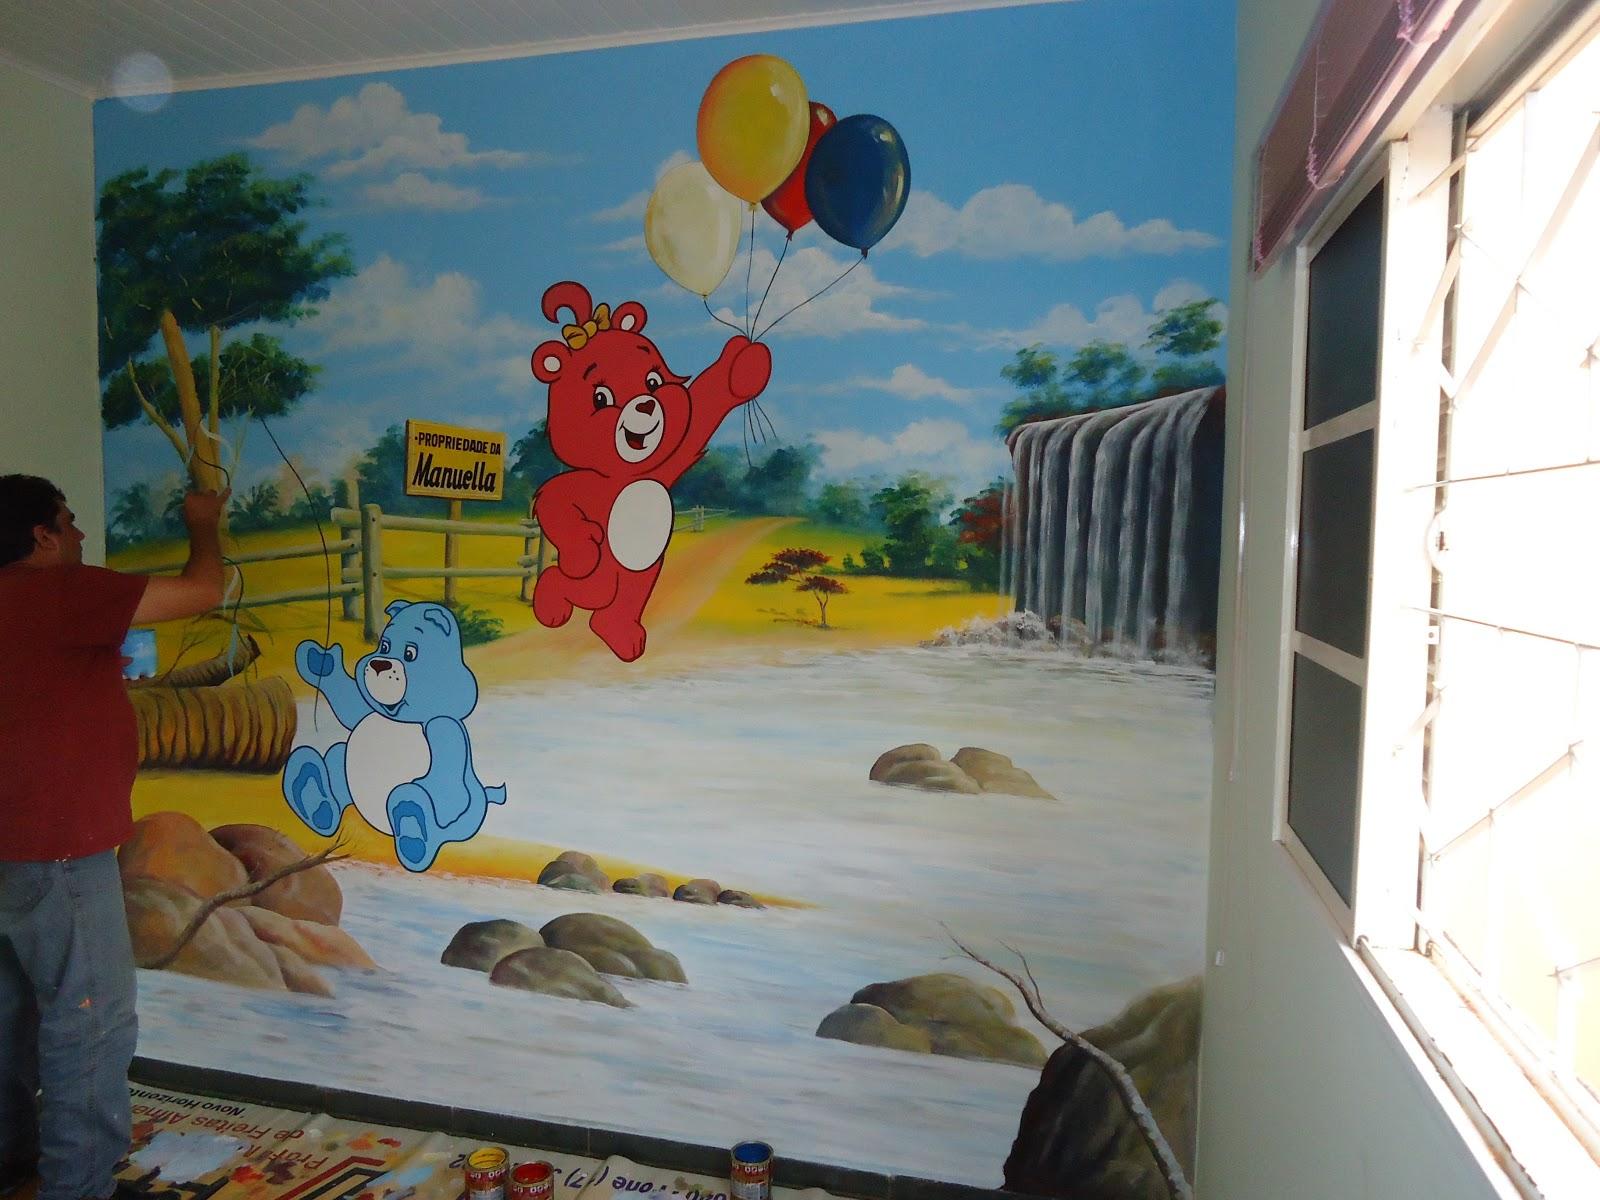 Desenho No Quarto ~ Guto Comunicaç u00e3o Visual pintura de desenho infantil no quarto da manuella